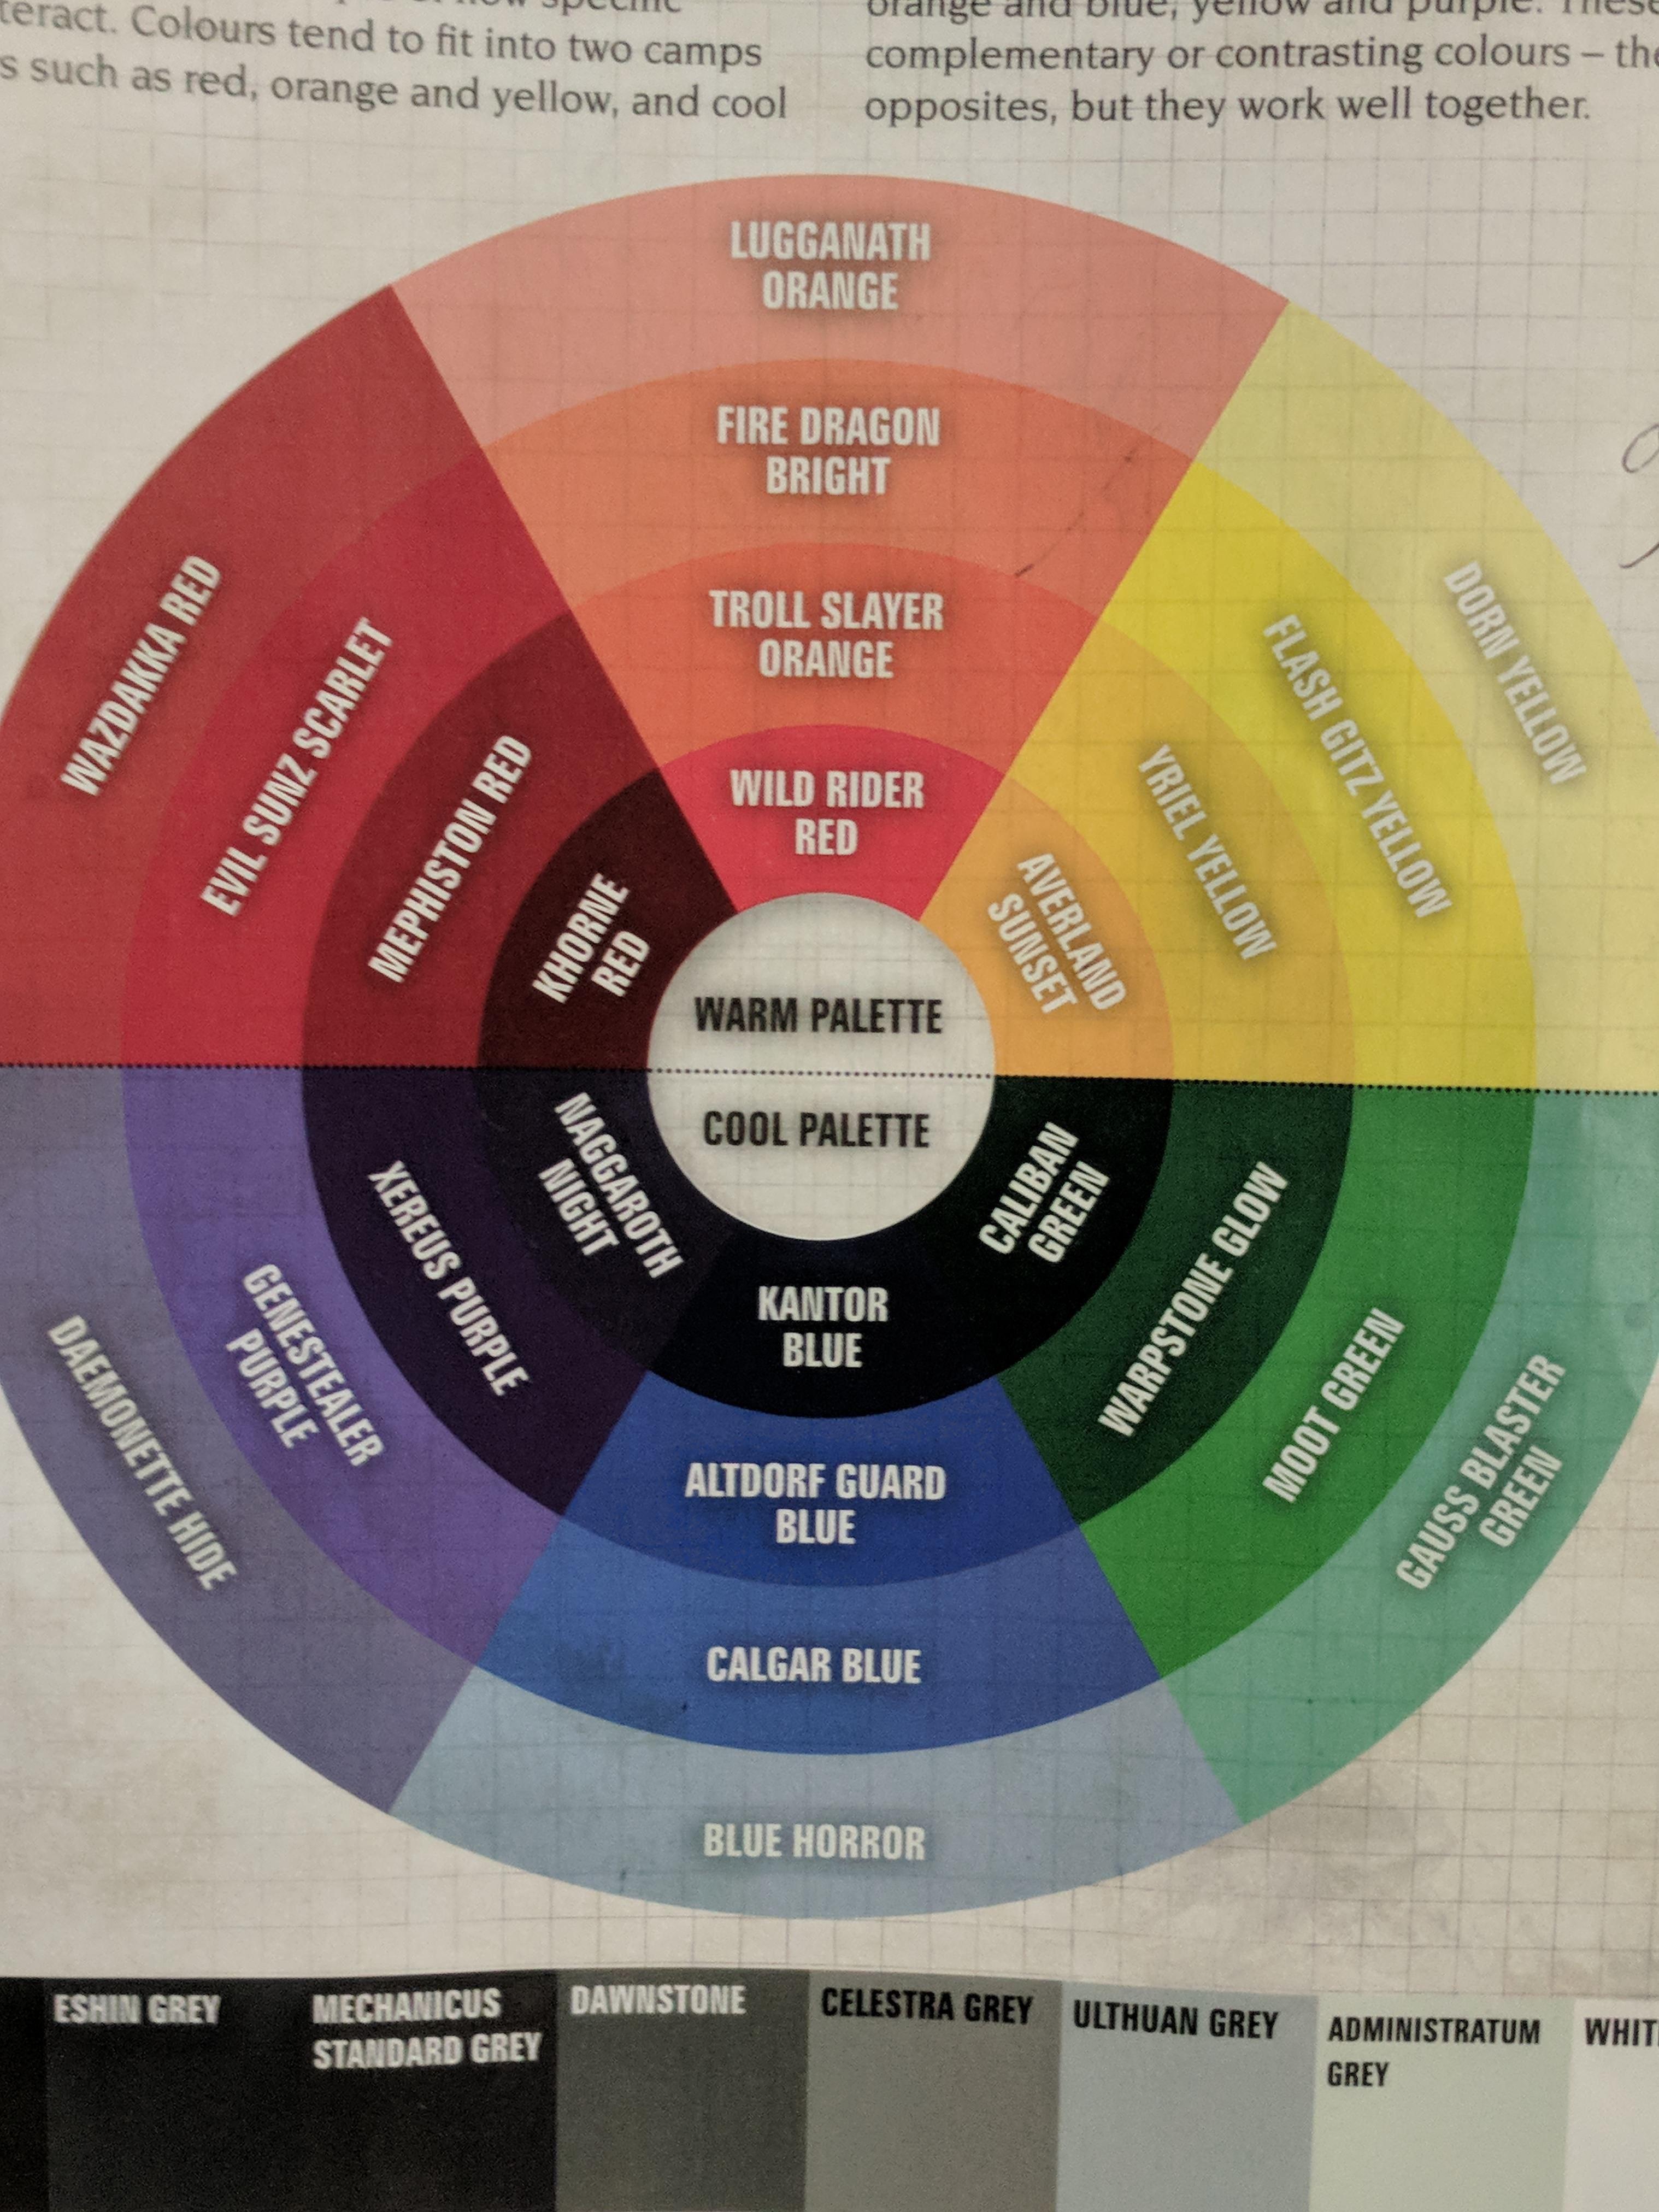 Citadel Paints On Color Wheel Paint Color Wheel Paint Charts